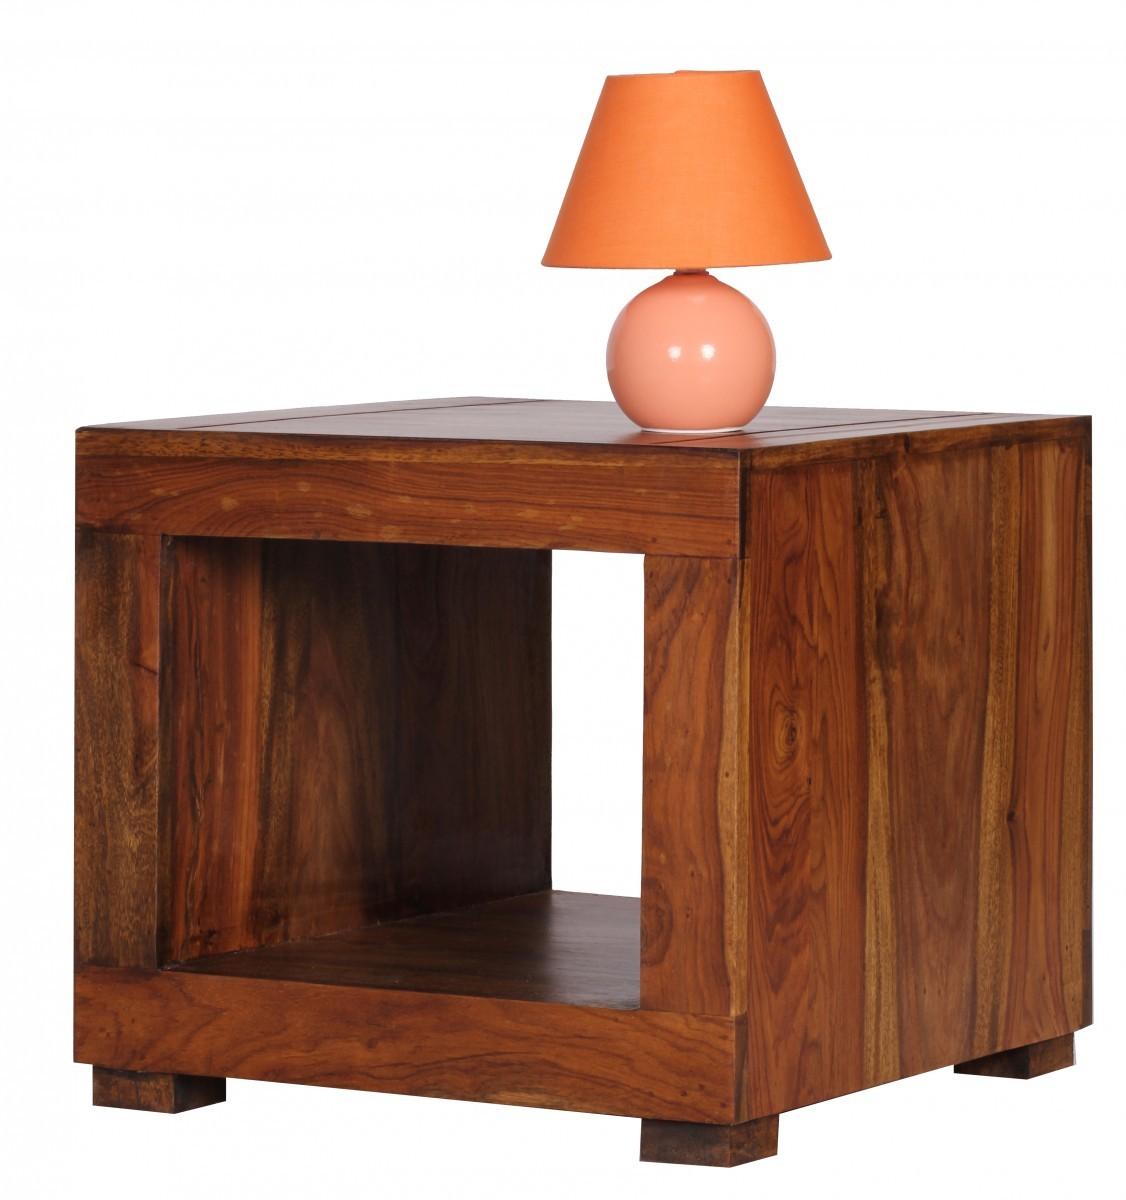 finebuy couchtisch massiv holz sheesham 50 cm breit wohnzimmer tisch design dunkel braun. Black Bedroom Furniture Sets. Home Design Ideas